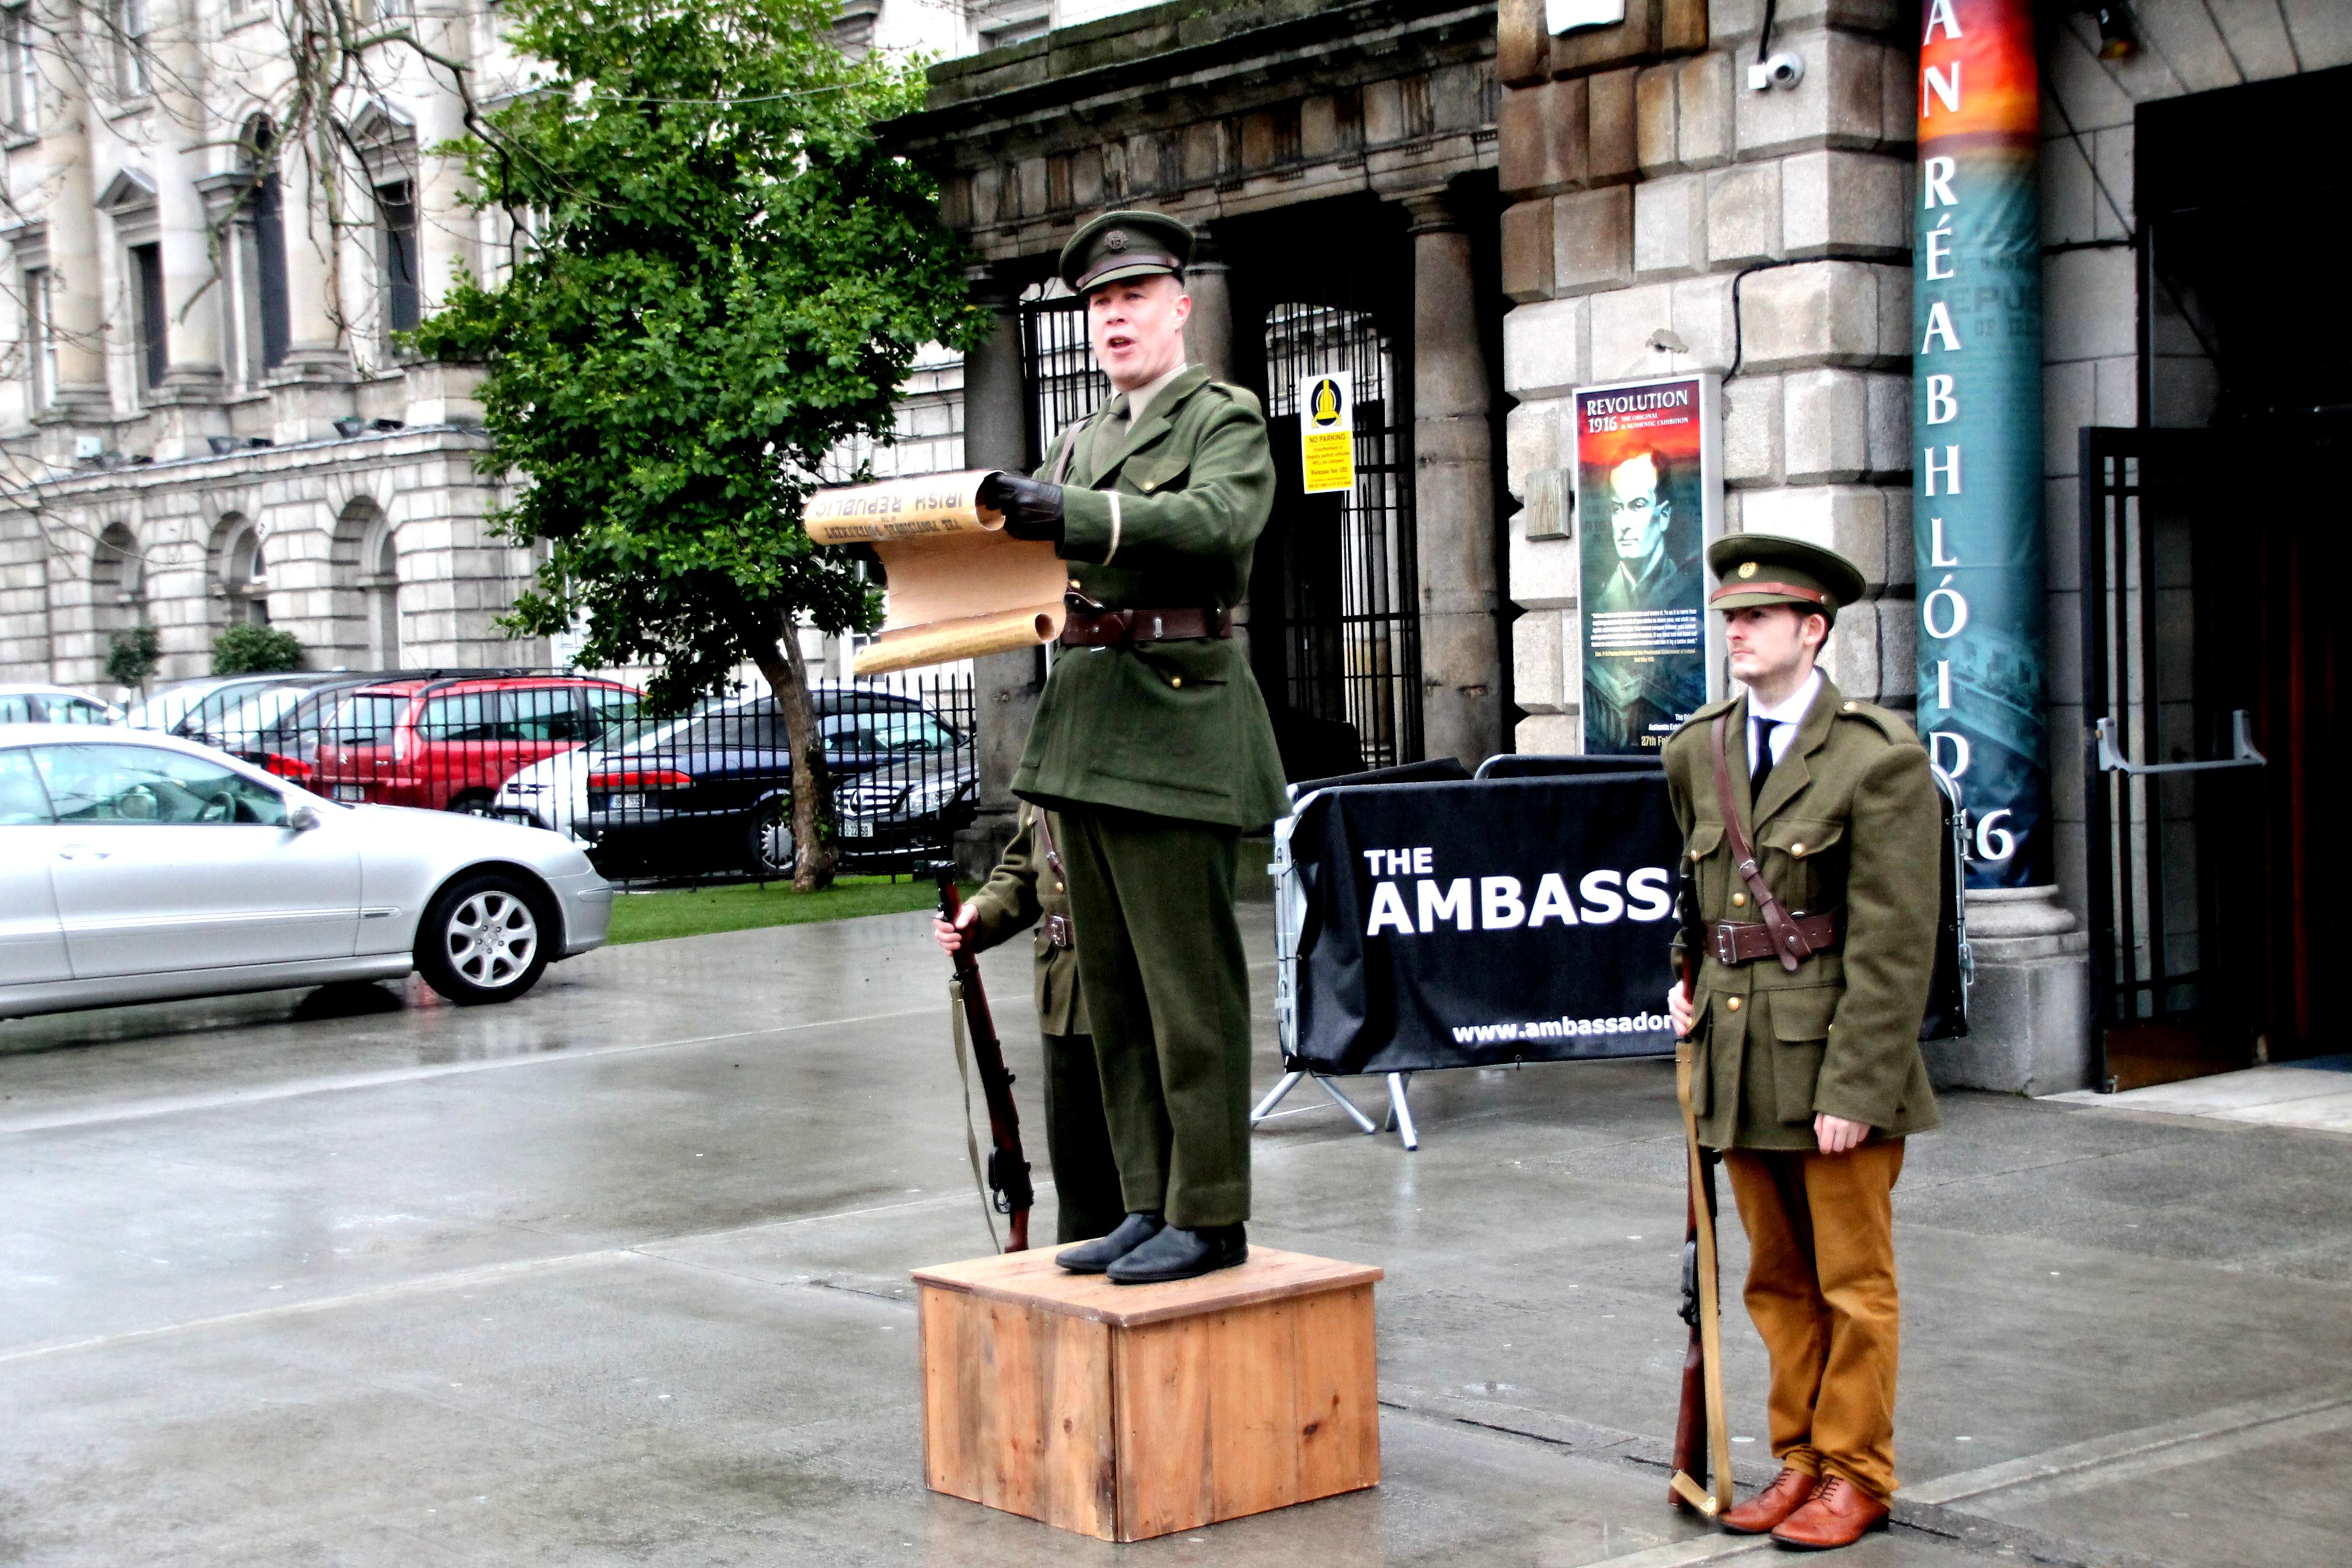 Photo n°6 - Patrick Pearse lisant la Proclamation de Pâques